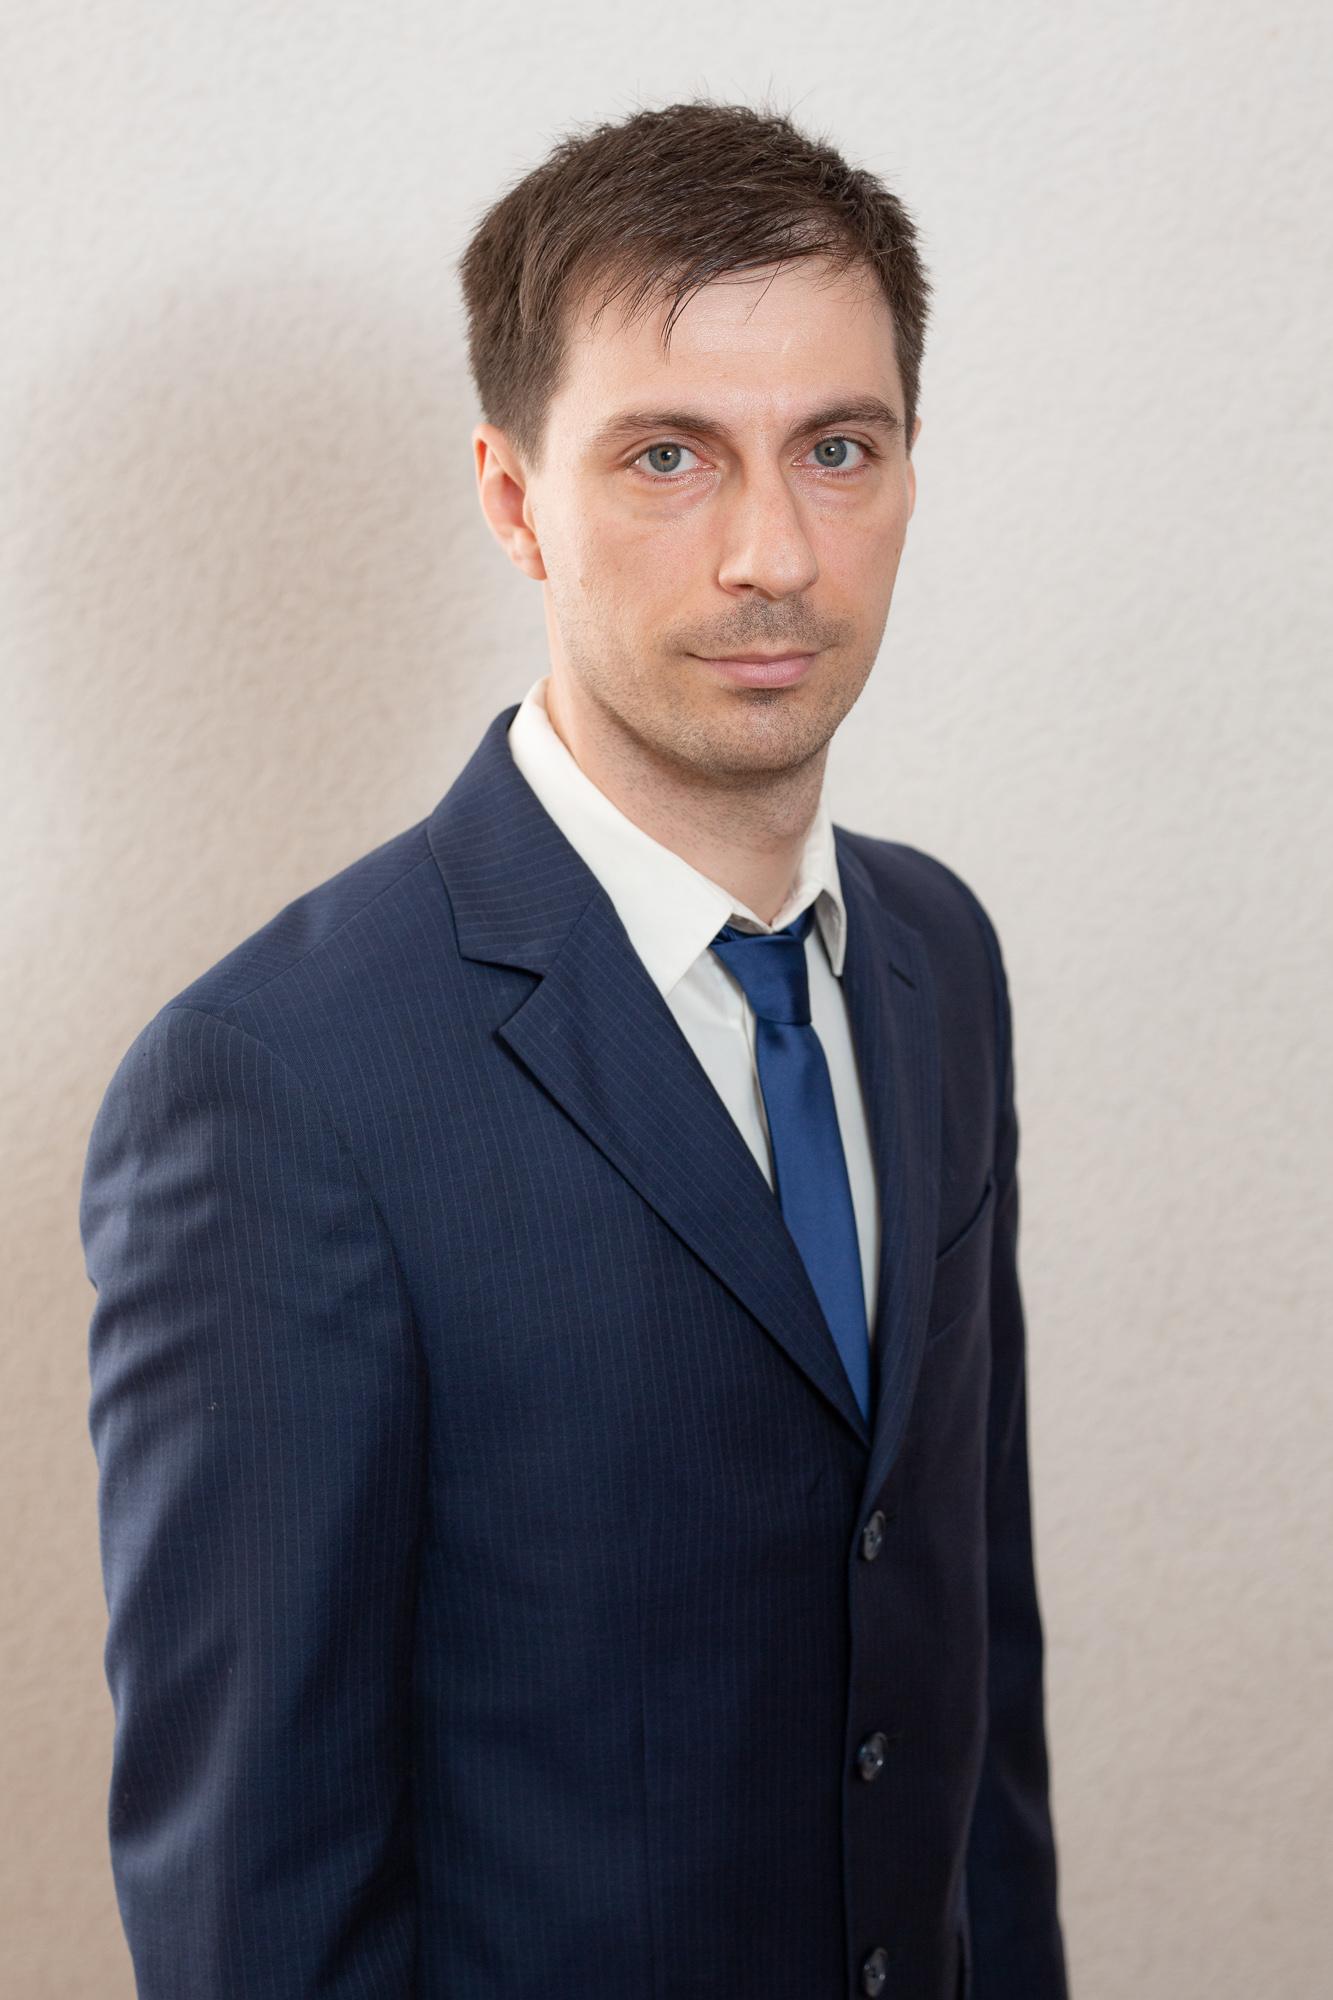 Сидоров Евгений Федорович